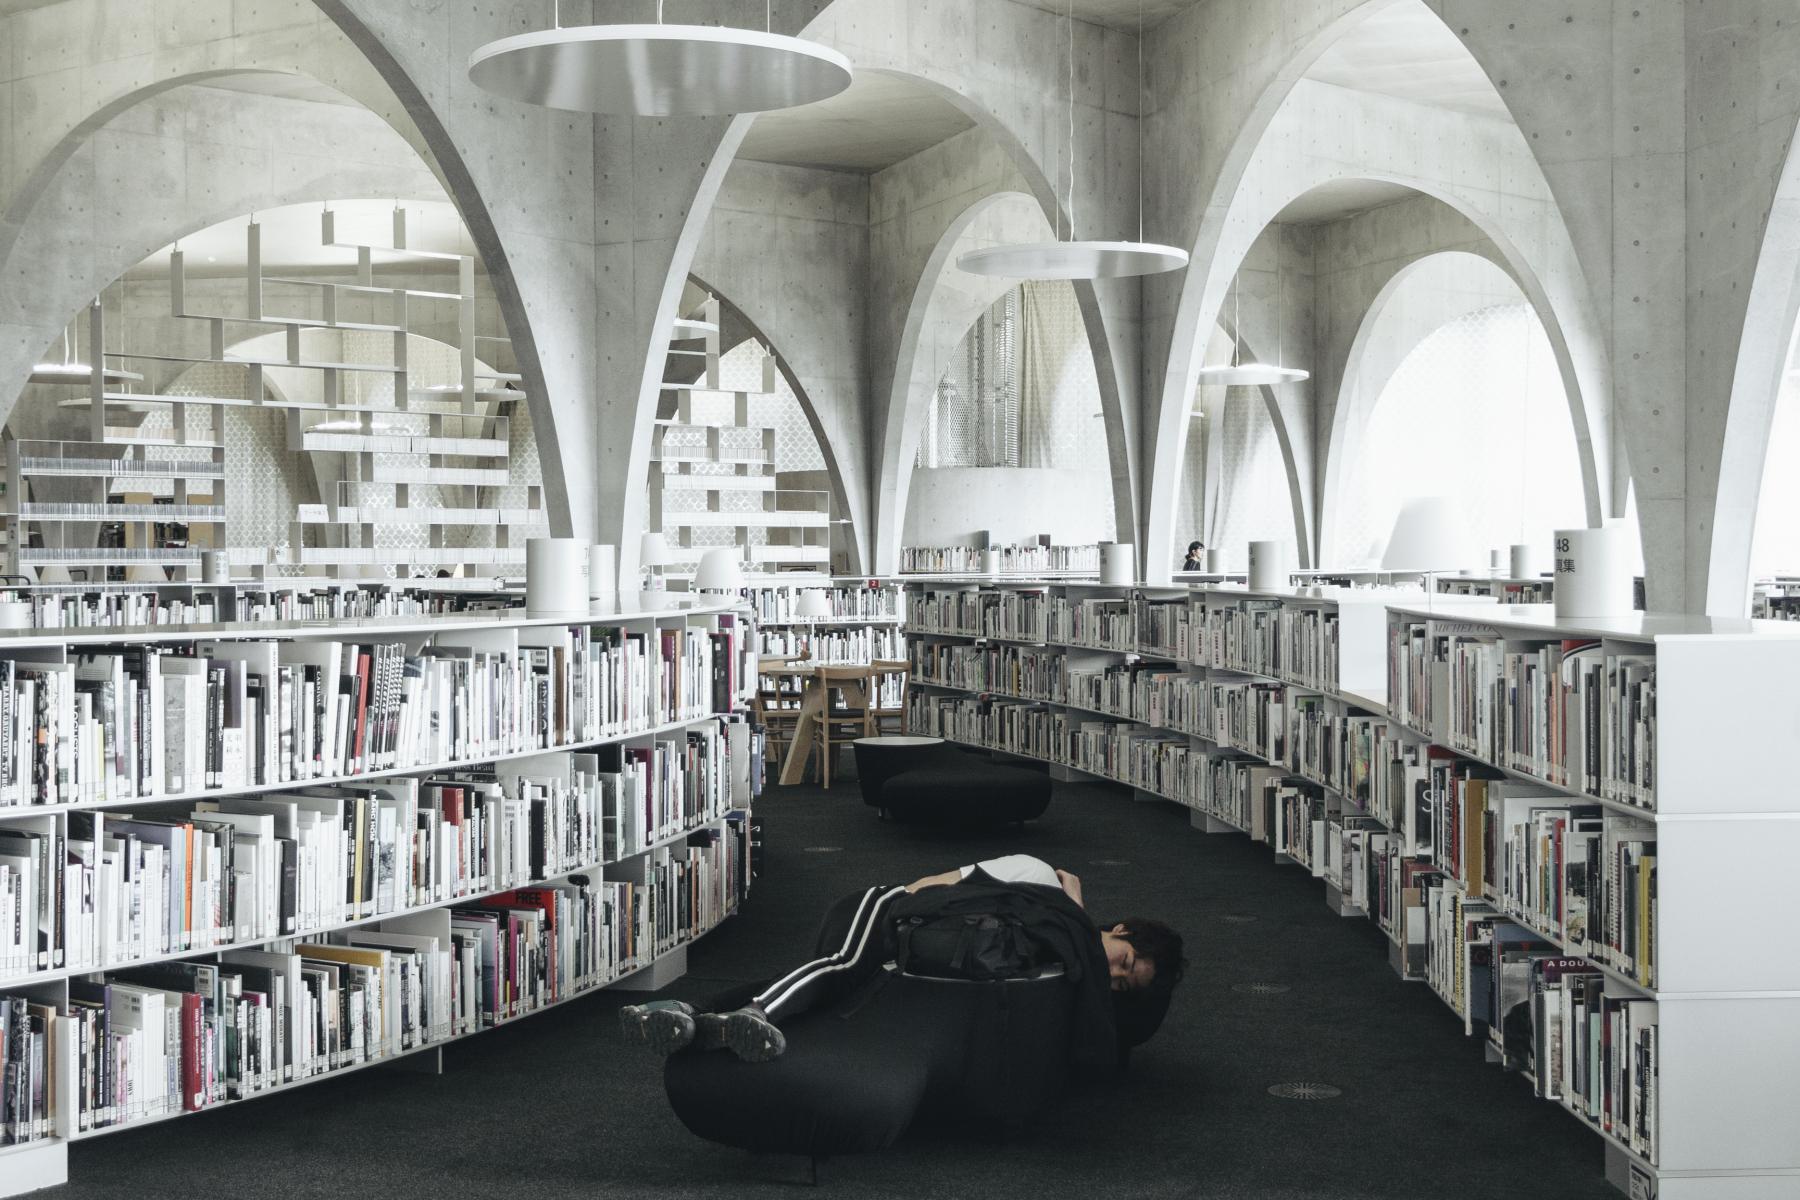 Tama Art University Library, Toyo Ito. Hachioji, Tokyo